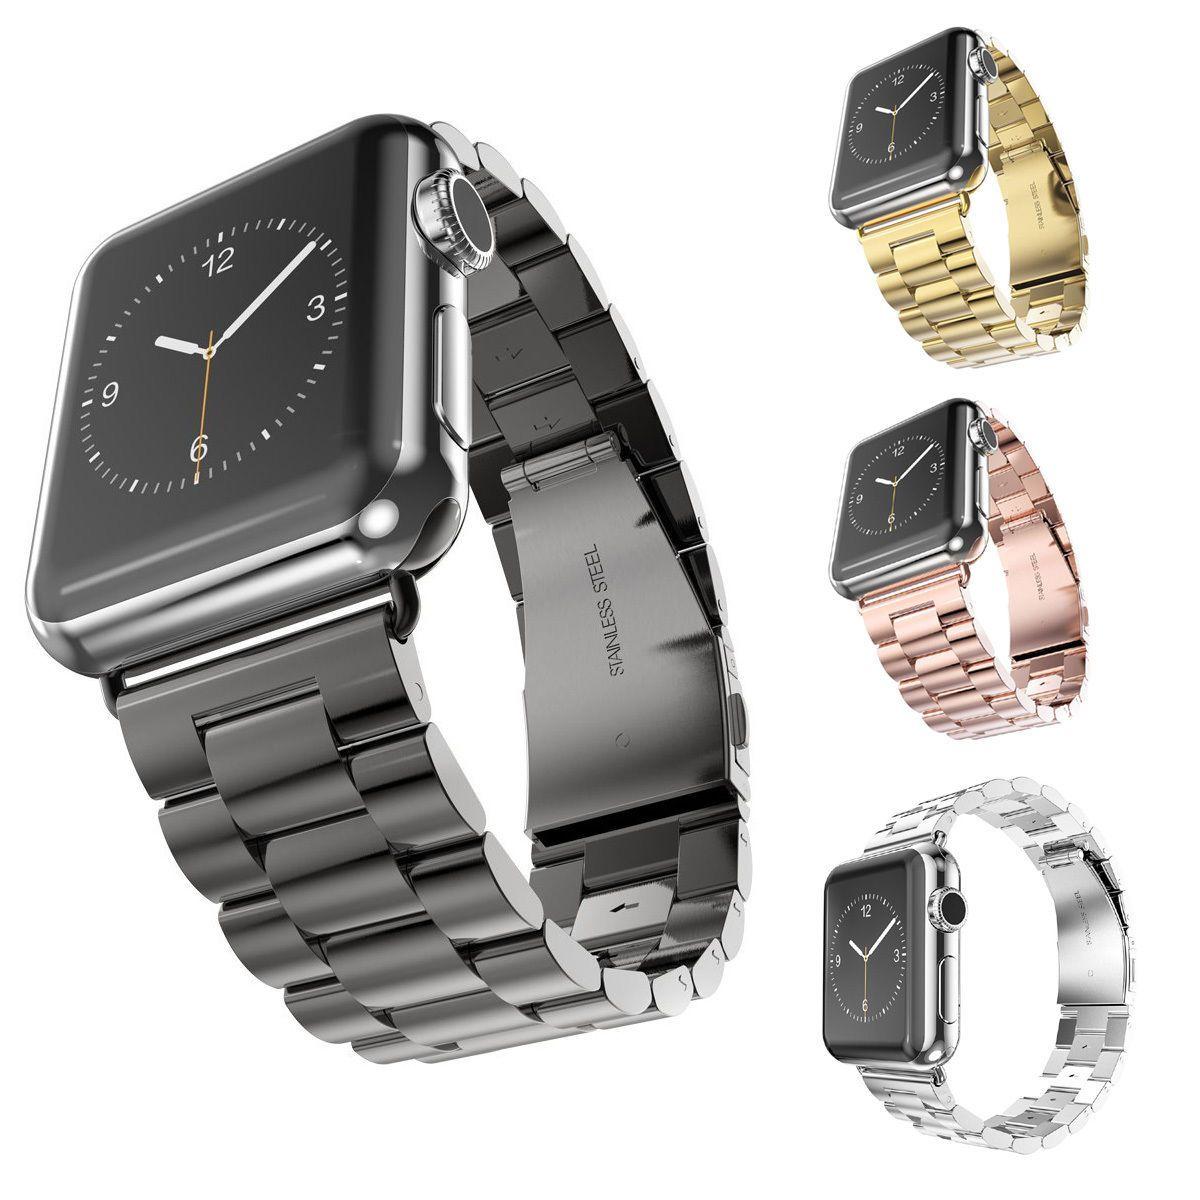 3 perles Bracelet de montre en acier inoxydable pour iWatch 4 3 2 1 Bracelet pour Apple Bracelet de montre 40mm 44mm 38mm 42mm Bracelet de remplacement